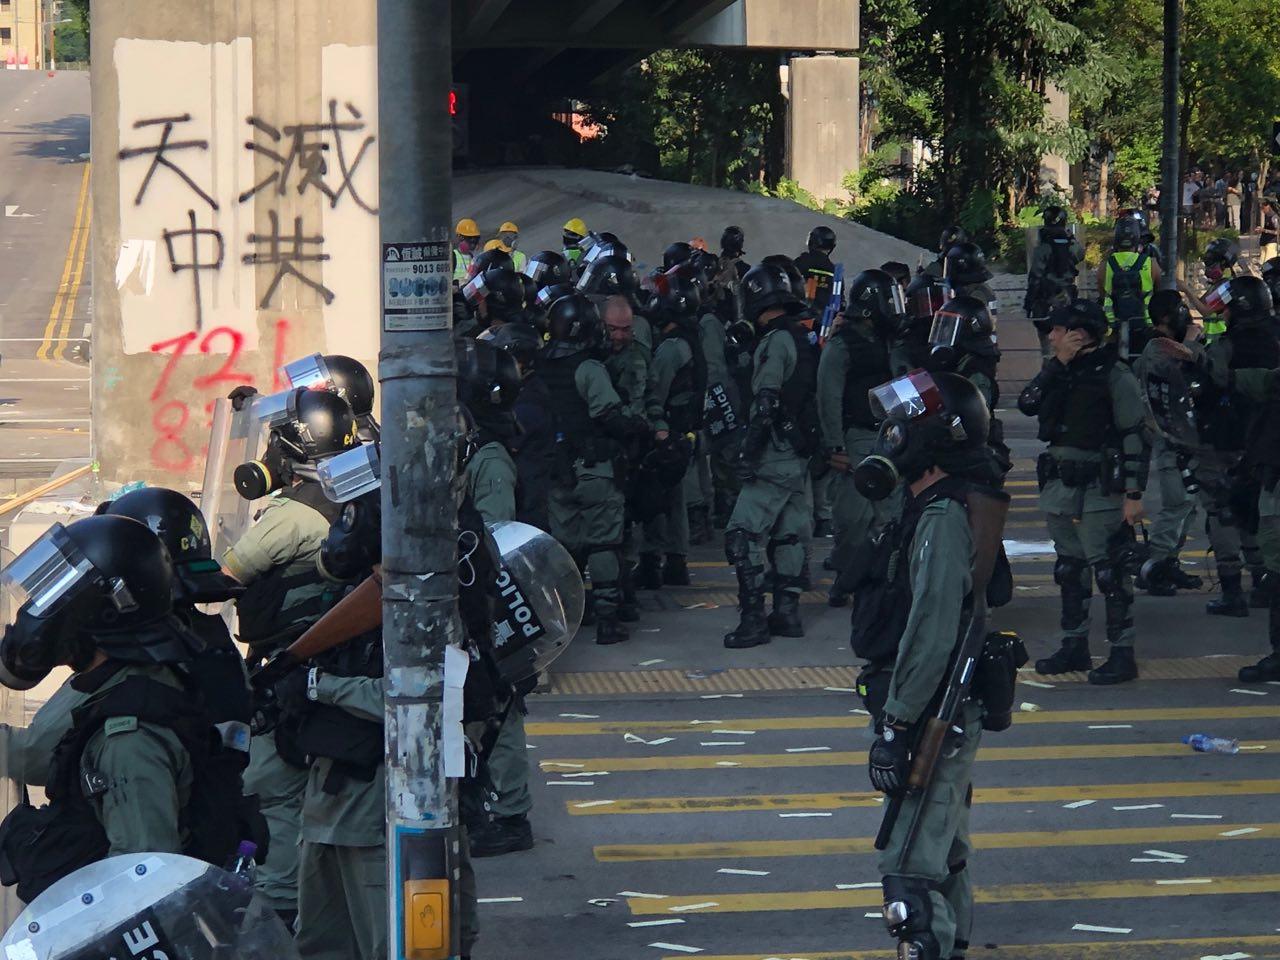 2019年10月1日,港人舉行六區抗暴政活動。警方在屯門施放催淚彈後與民眾對峙。(余天祐/大紀元)